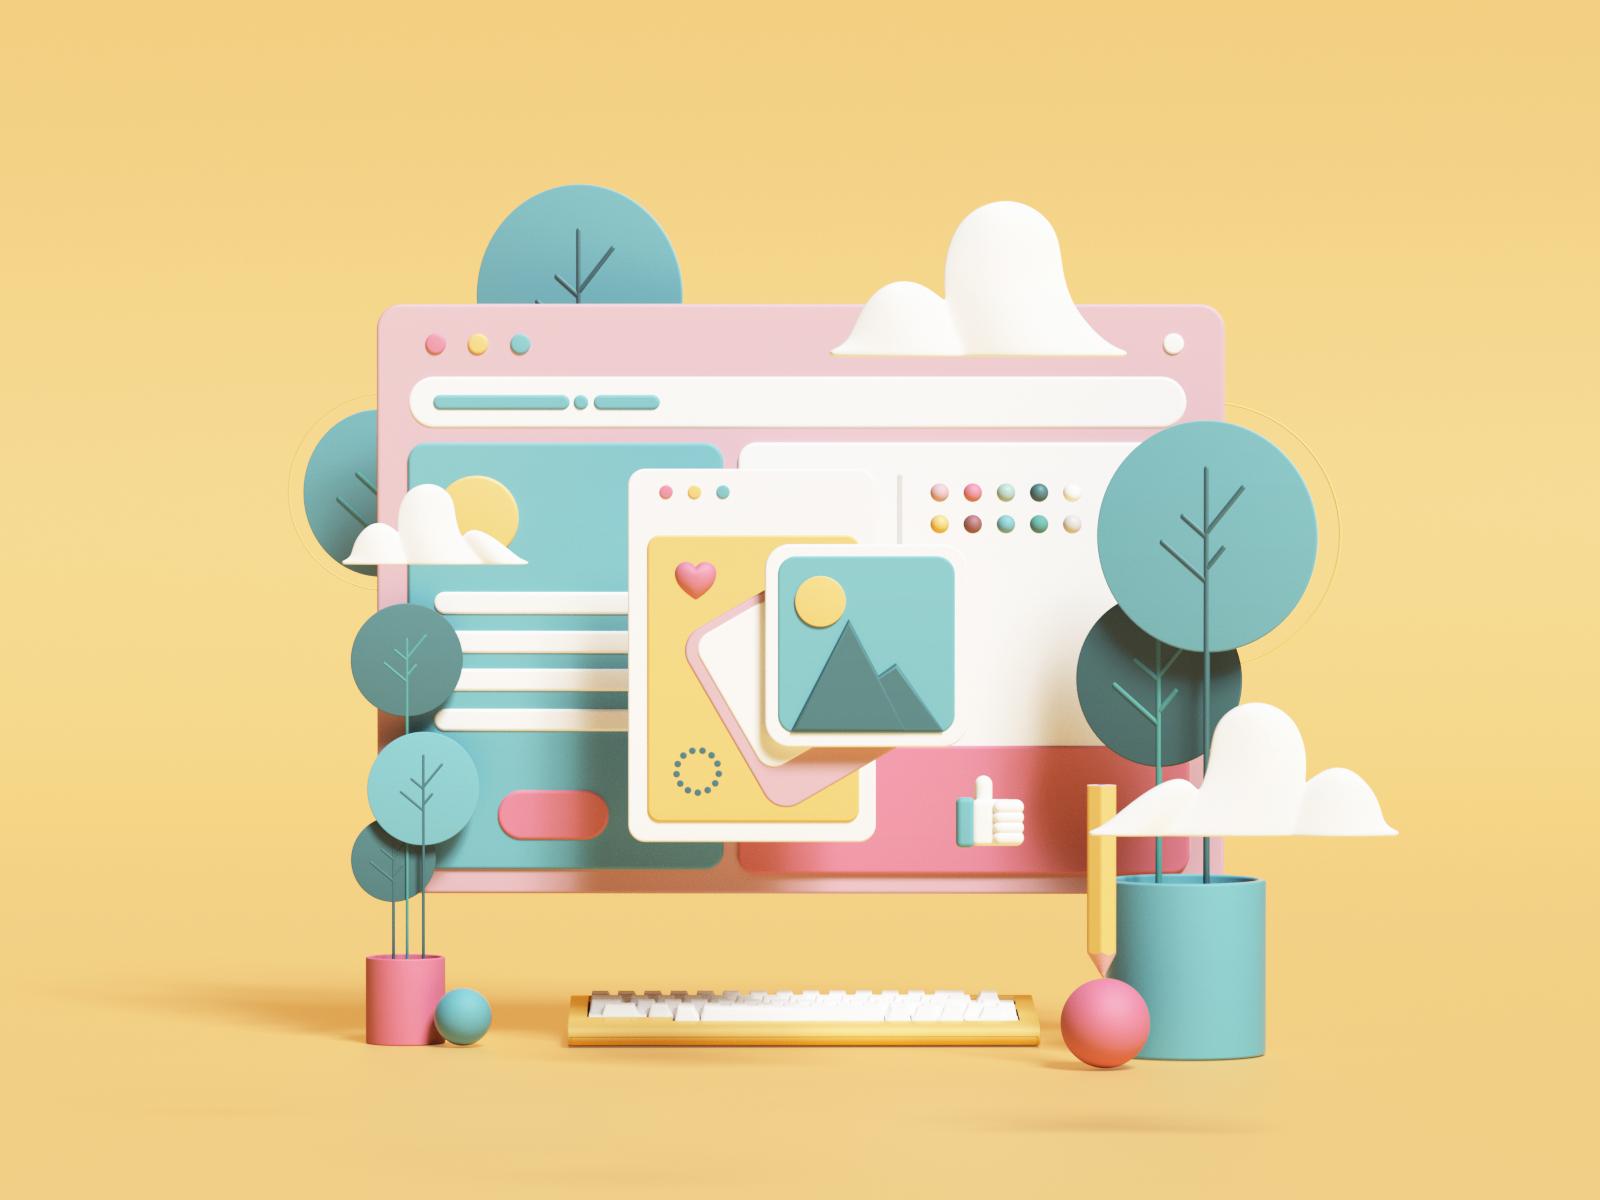 Web Illustrations Illustration Illustration Design Web Design